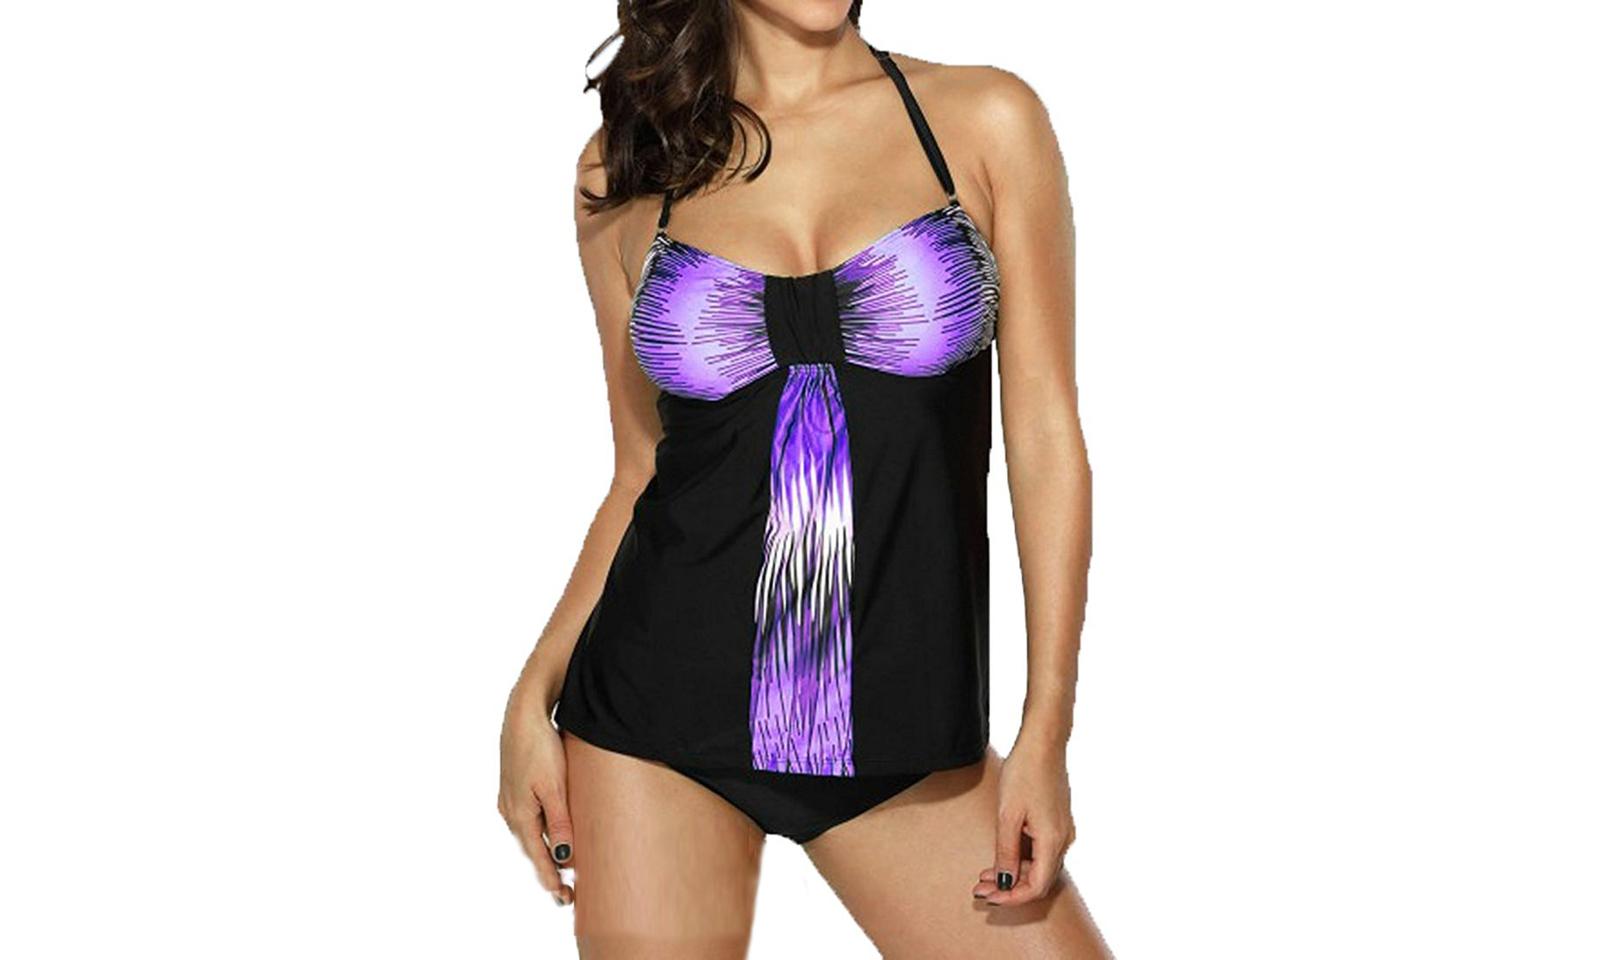 Women's Halter Tankini Swimdwear Two Piece Tankini Top Bikini Bottom Plus Size S